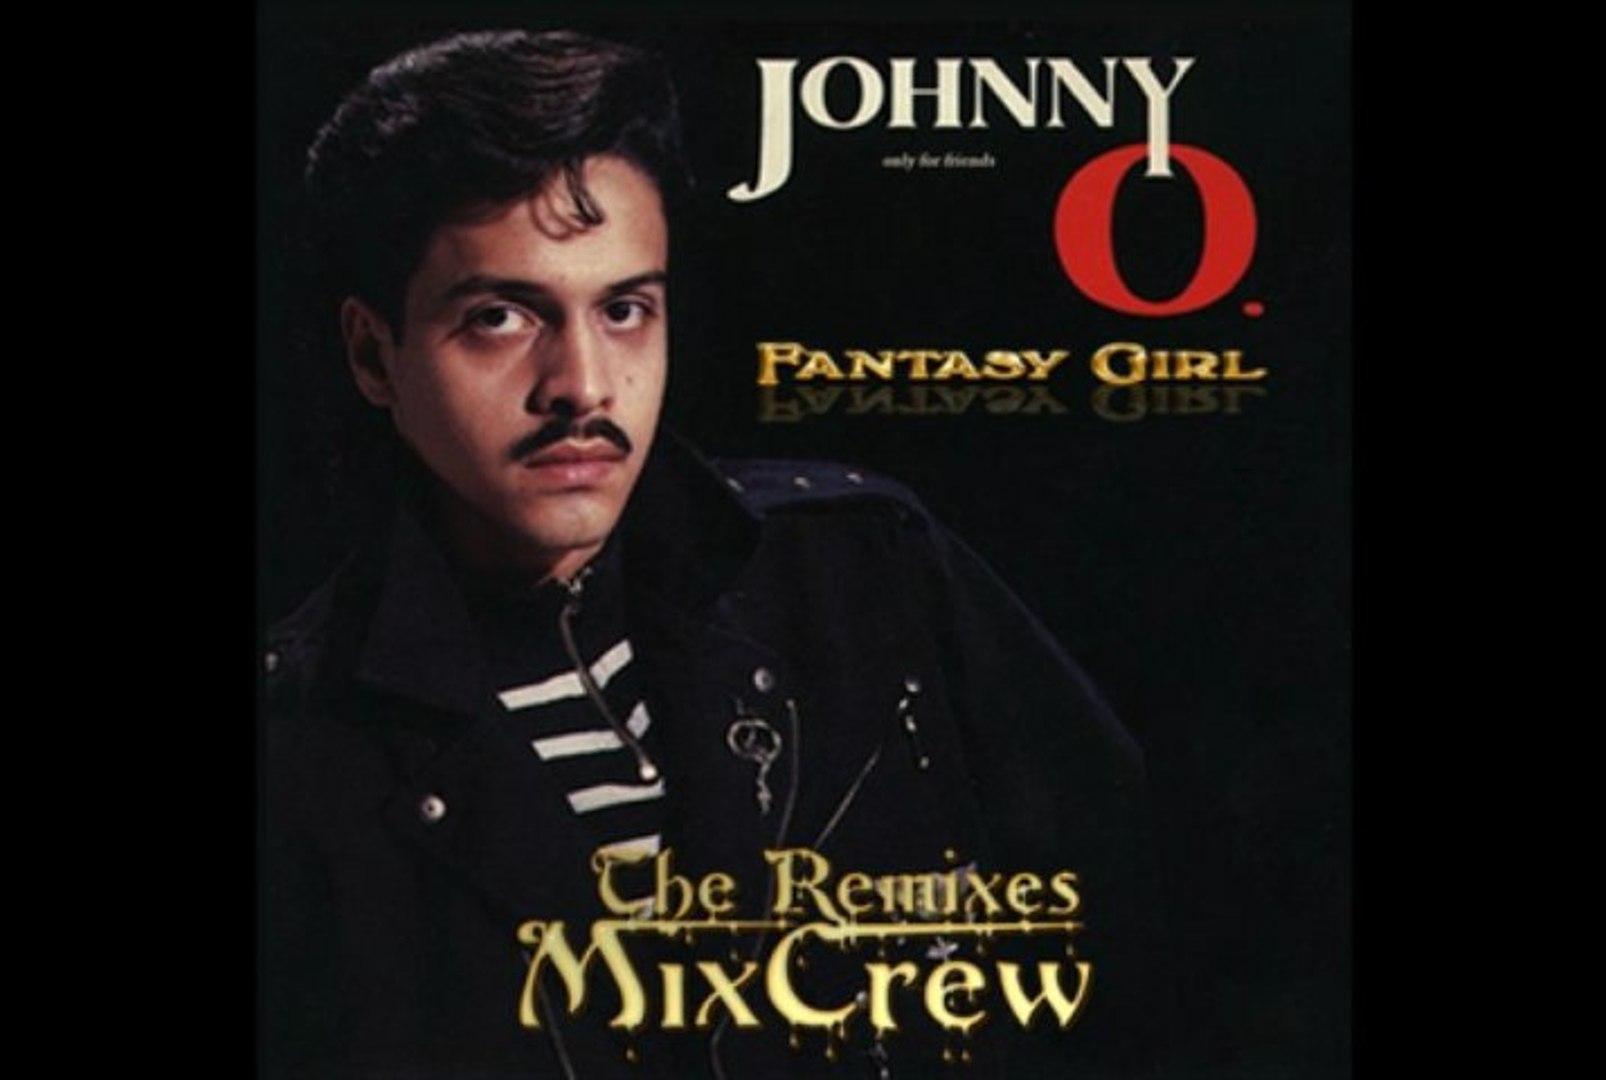 10 - Johnny O. - Fantasy Girl (Dj lucky Ciara Remix)